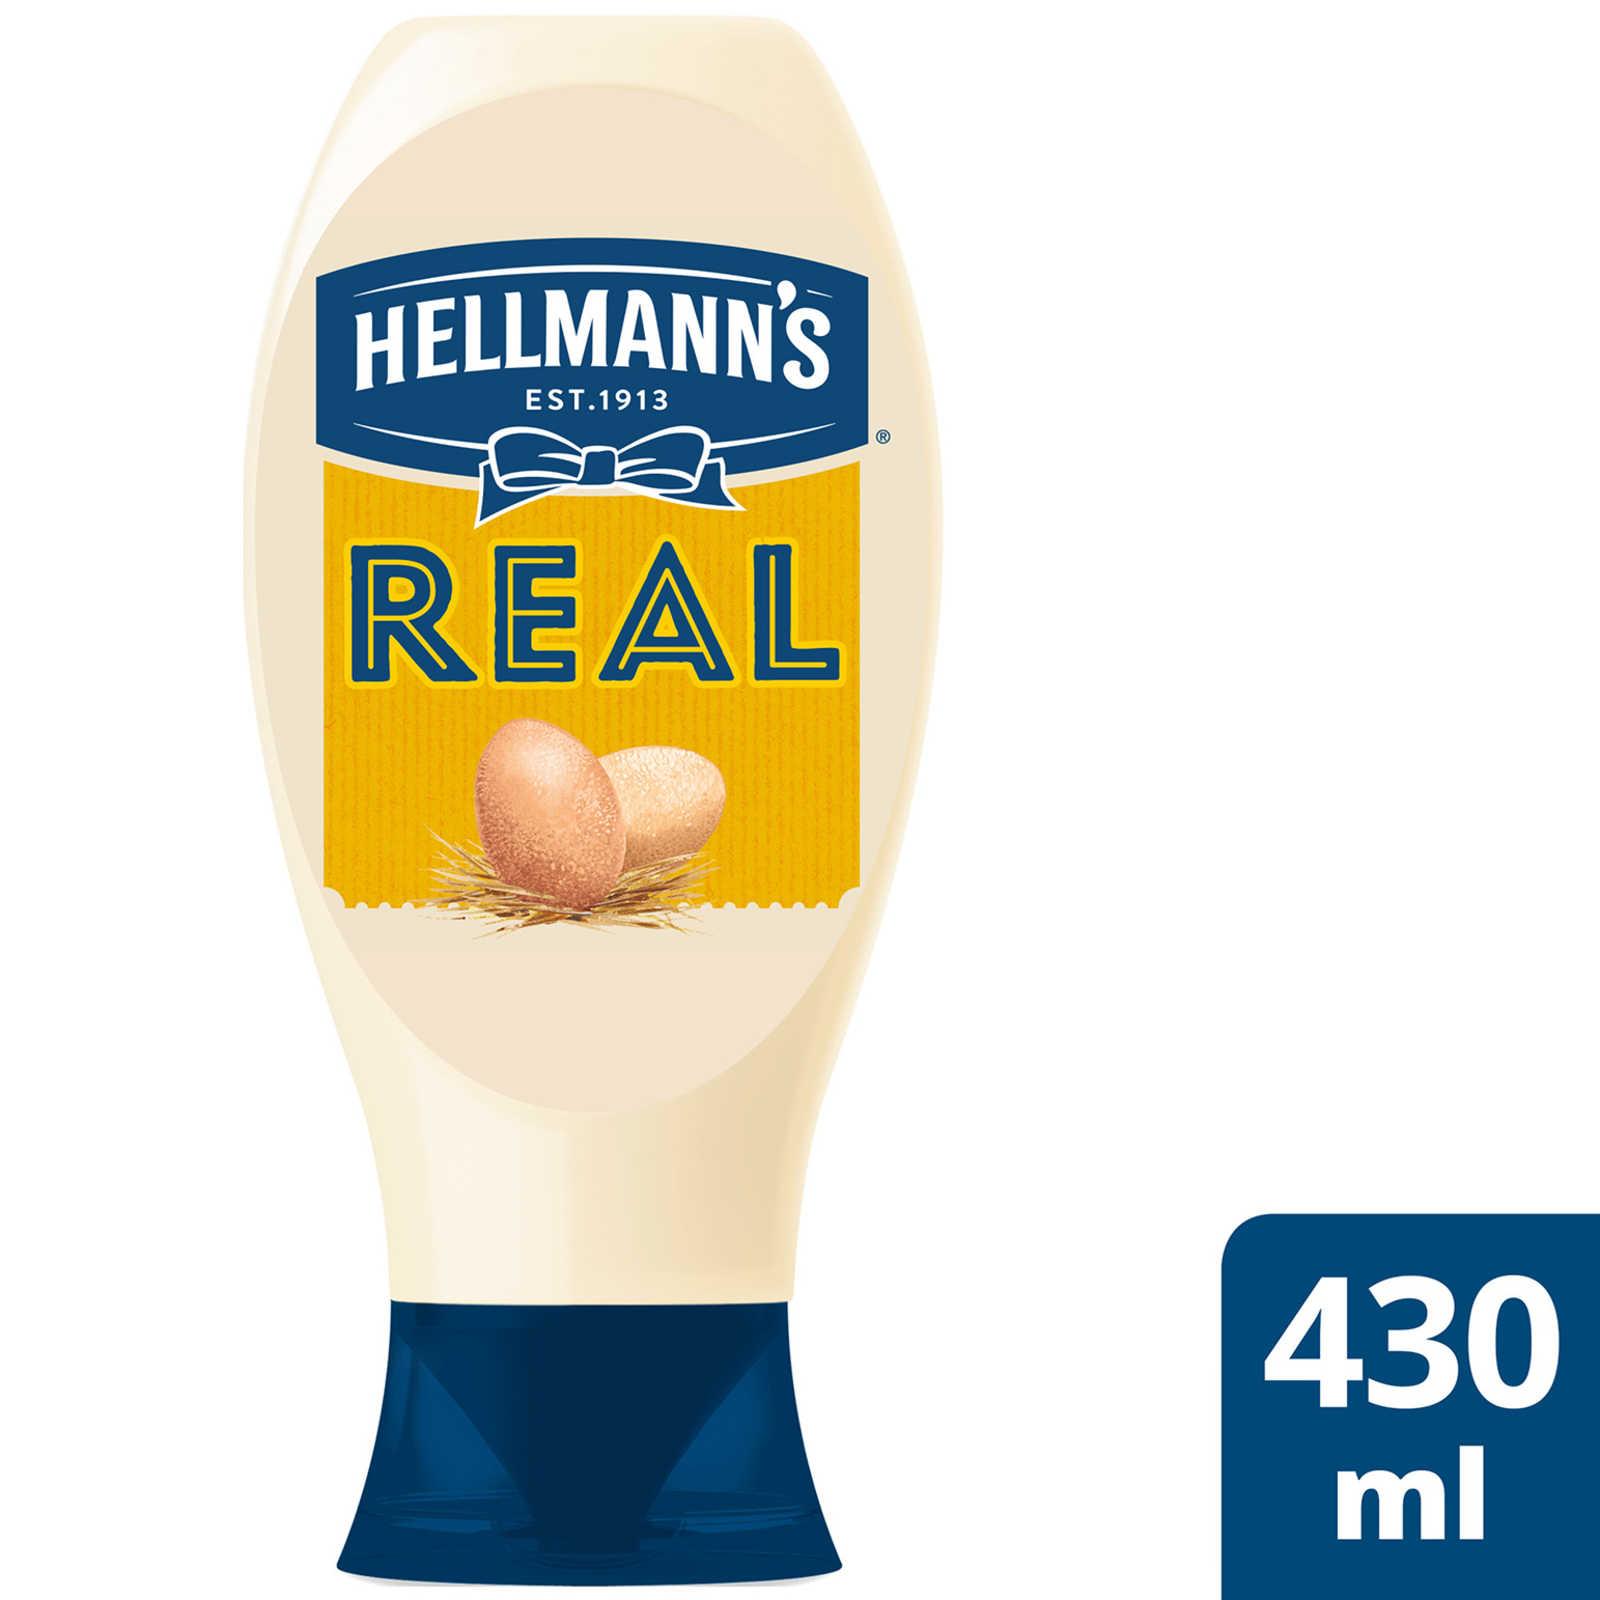 Hellmann's